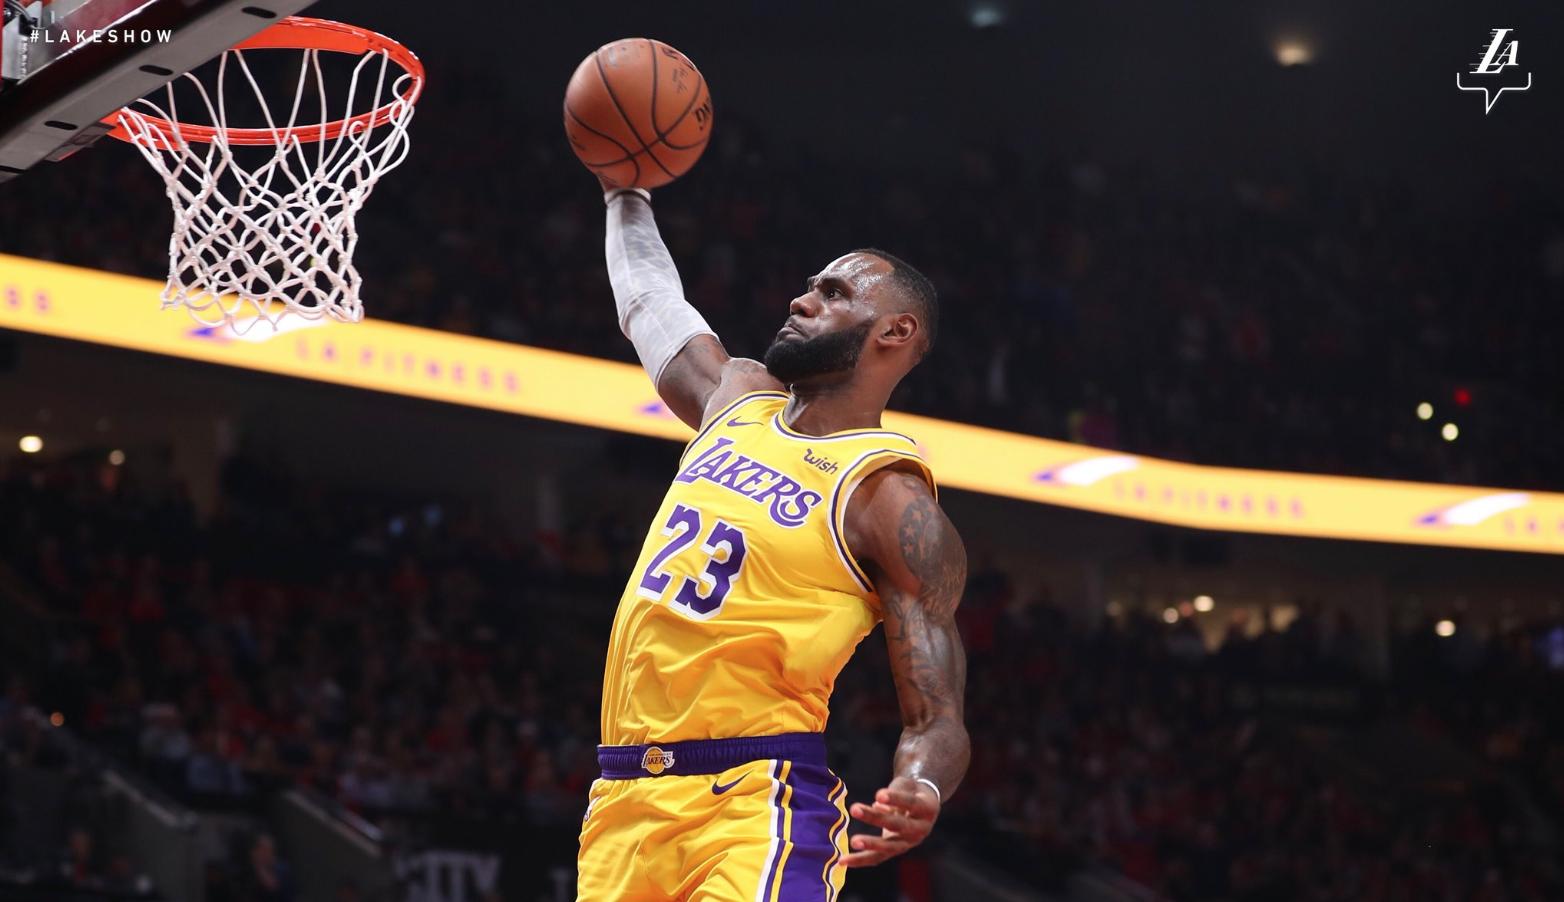 Các cầu thủ trẻ của Lakers thi đấu không như kỳ vọng, LeBron James nghĩ gì về điều này? - Ảnh 3.